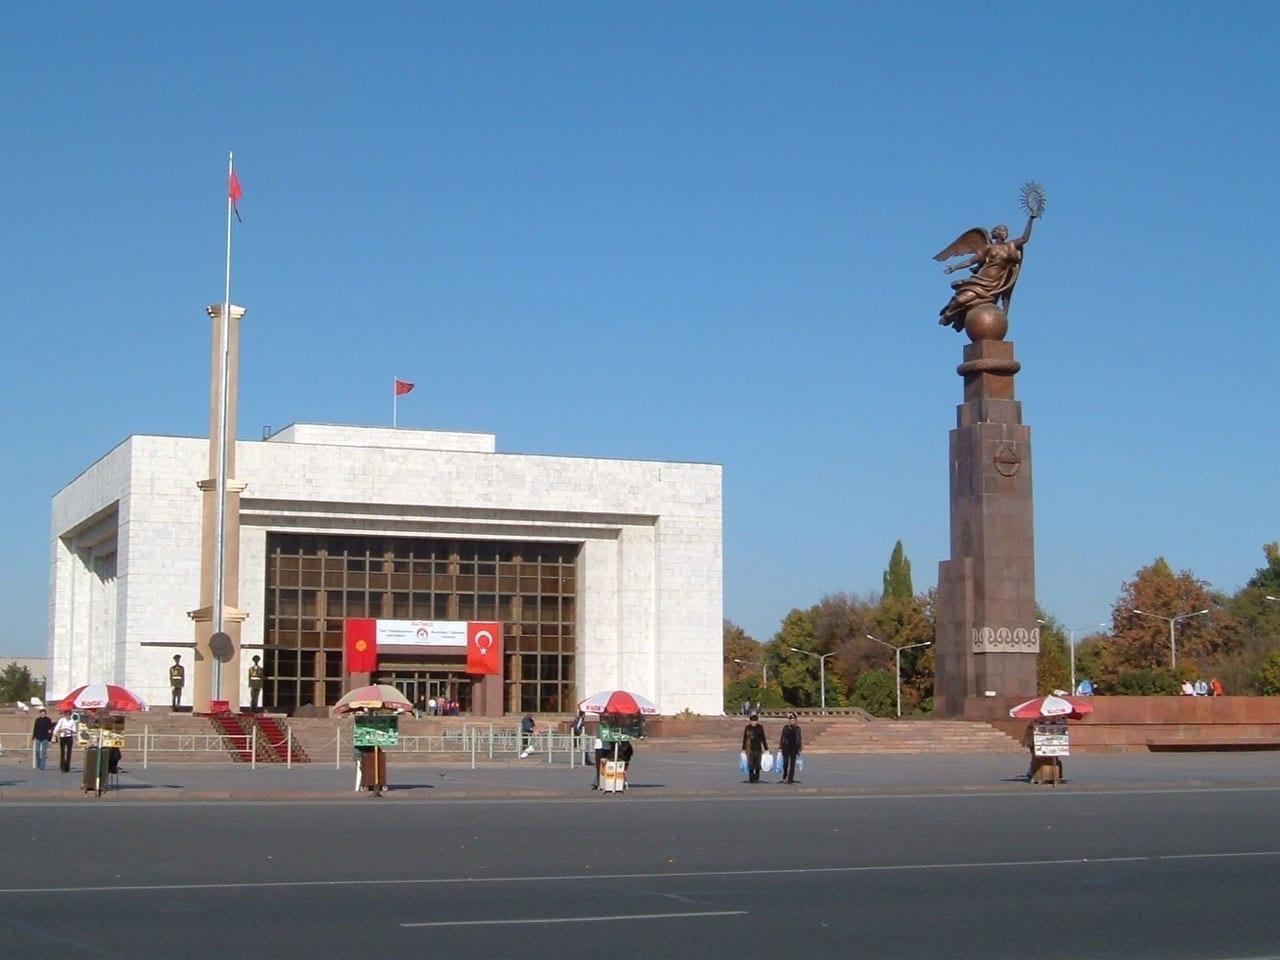 El Monumento a la Independencia en la plaza Ala-Too, con el Museo Histórico Nacional al fondo. Kirguizistán